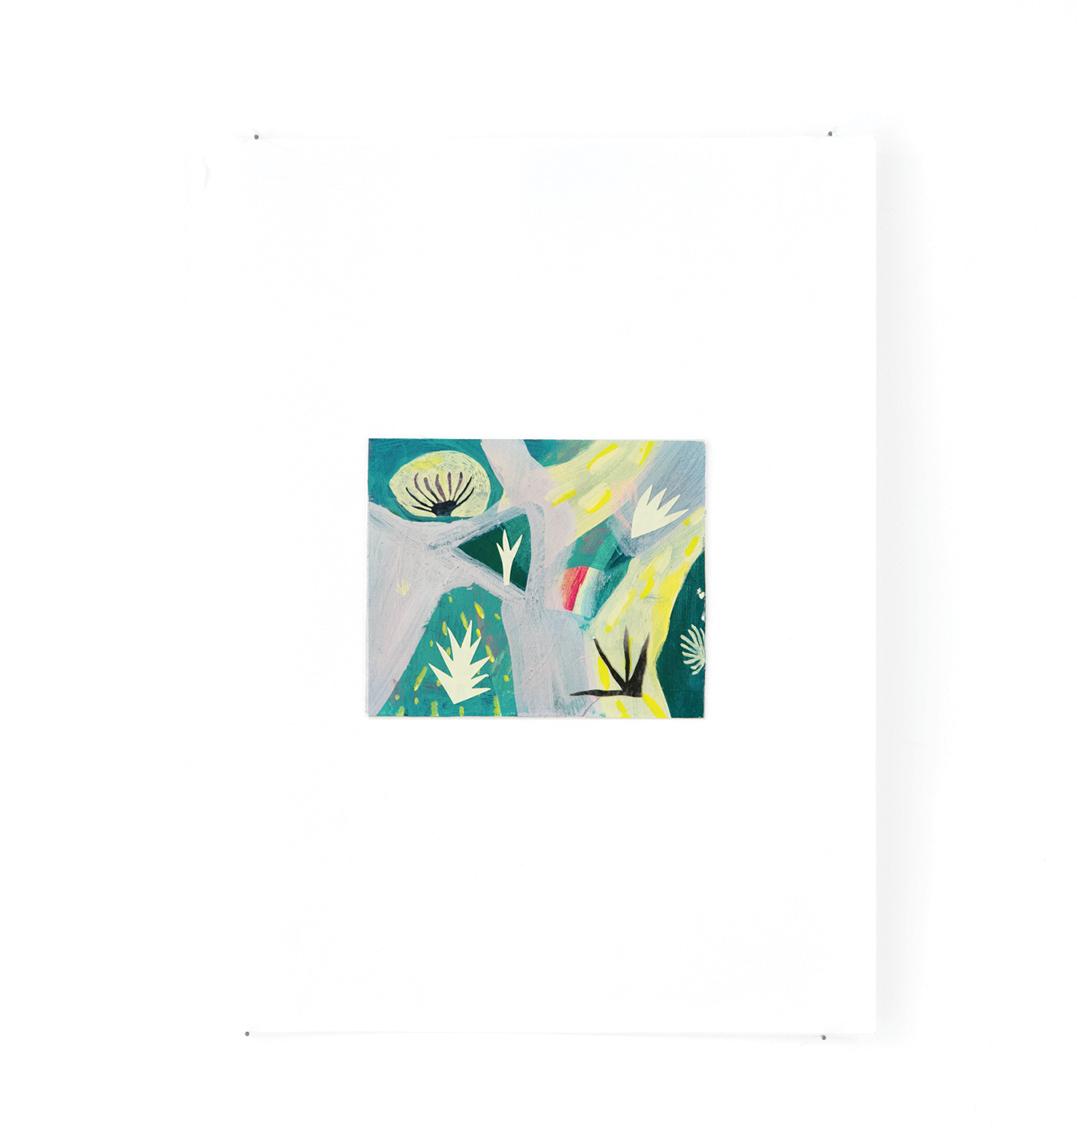 Jardin - Peinture acrylique sur carton - 33 x 44 cm - 2016